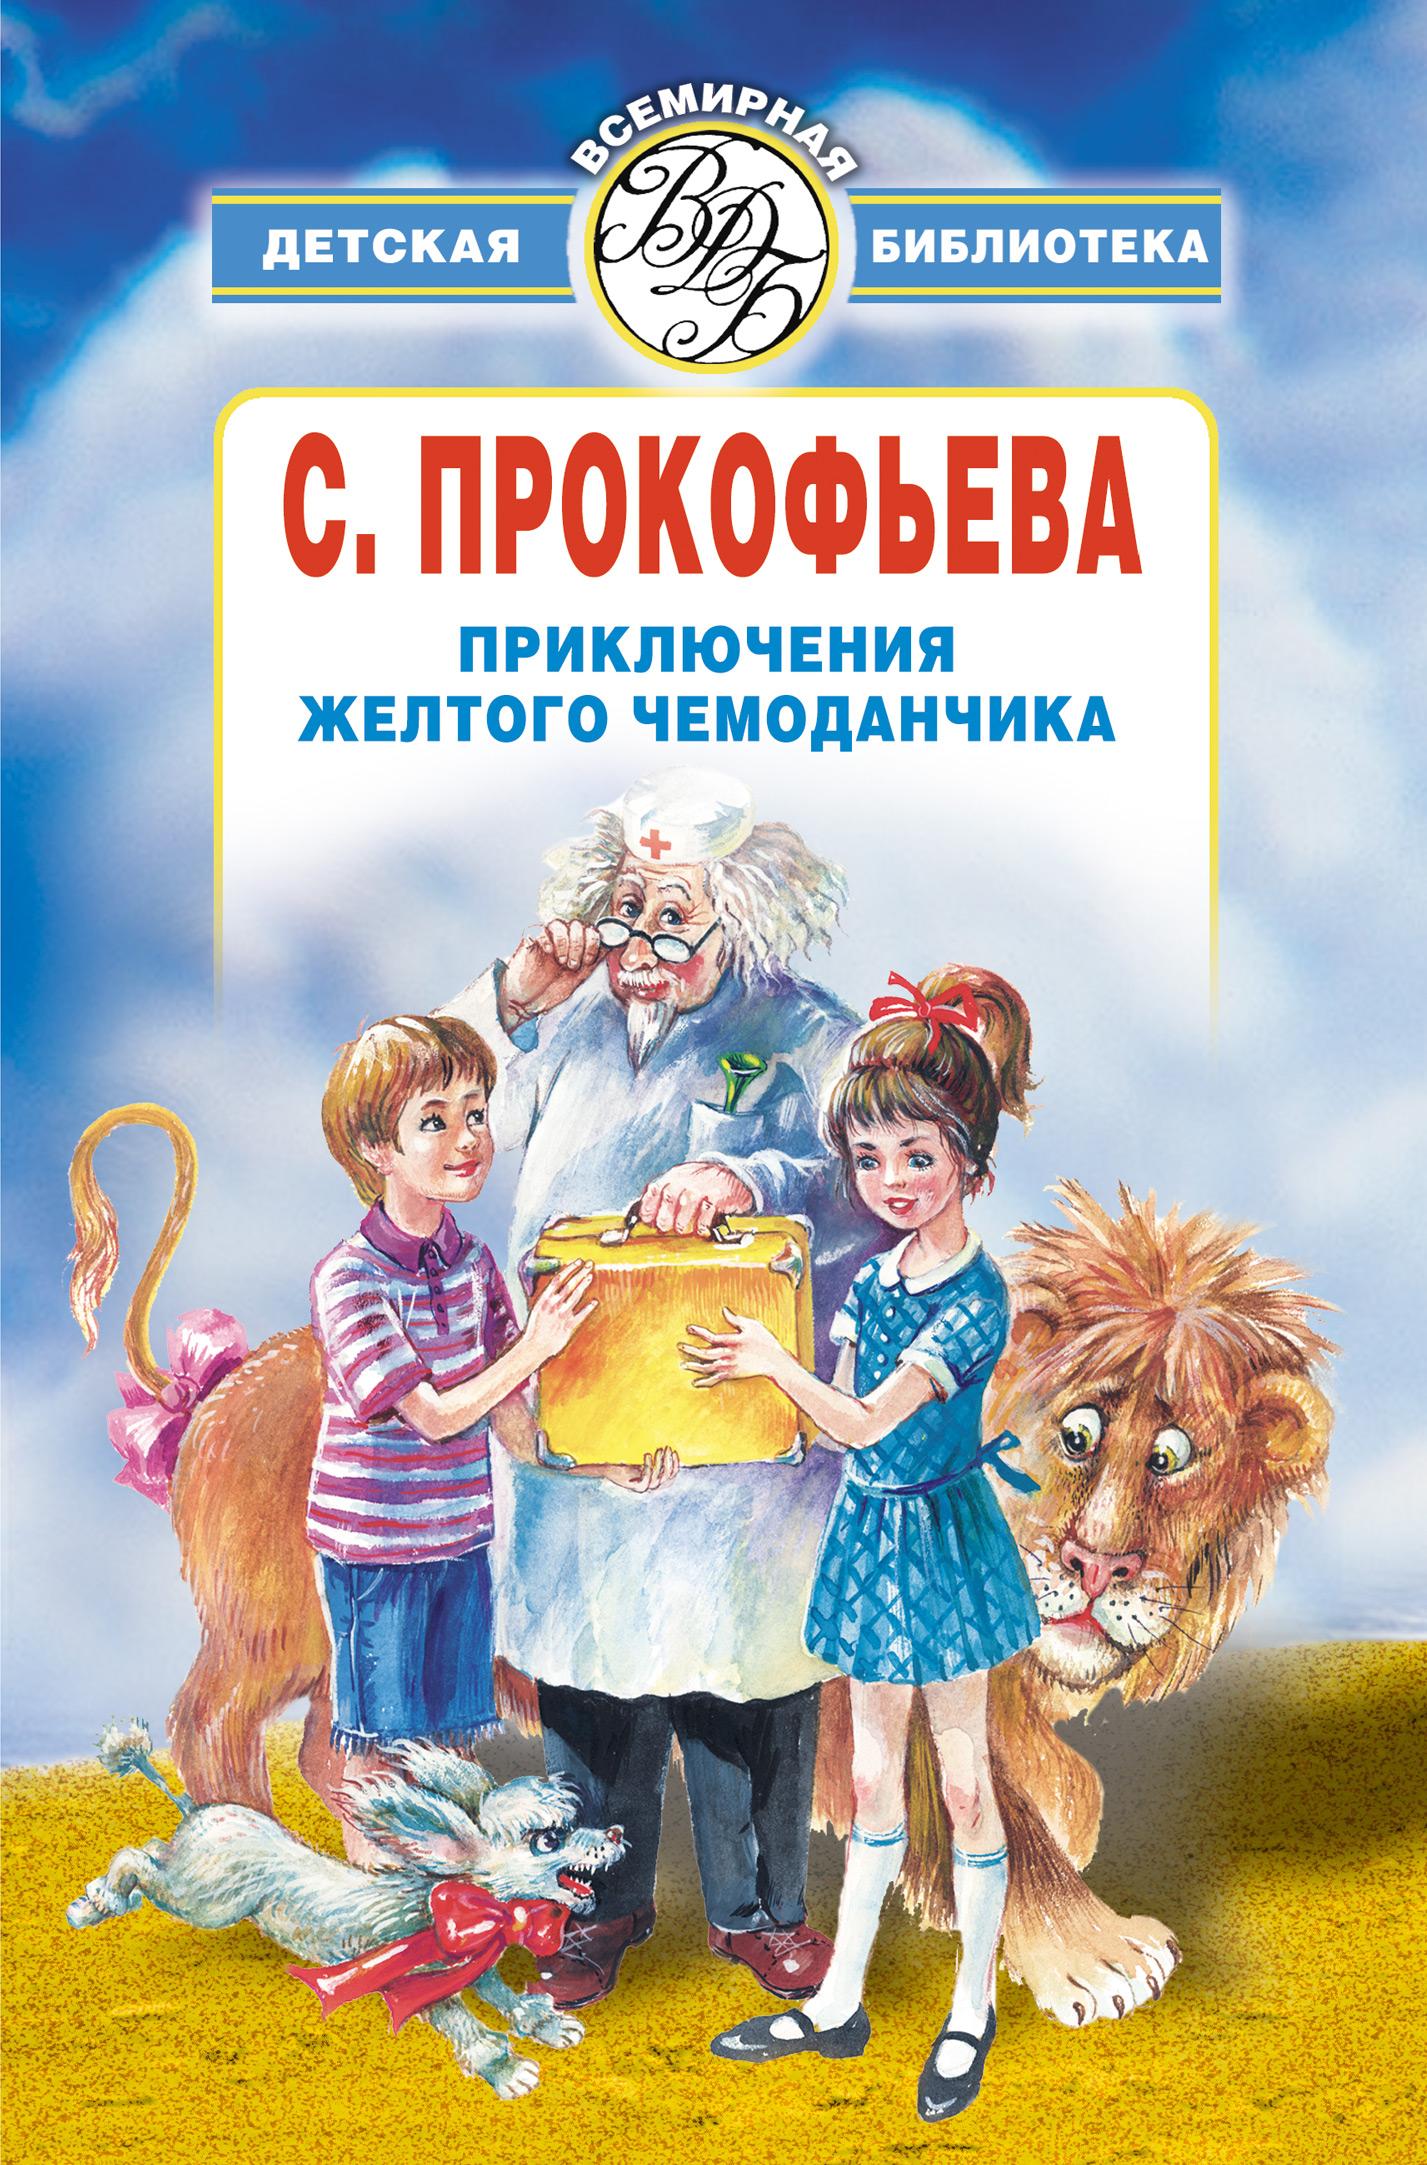 Софья Прокофьева Приключения желтого чемоданчика (сборник) астрель и хранитель леса